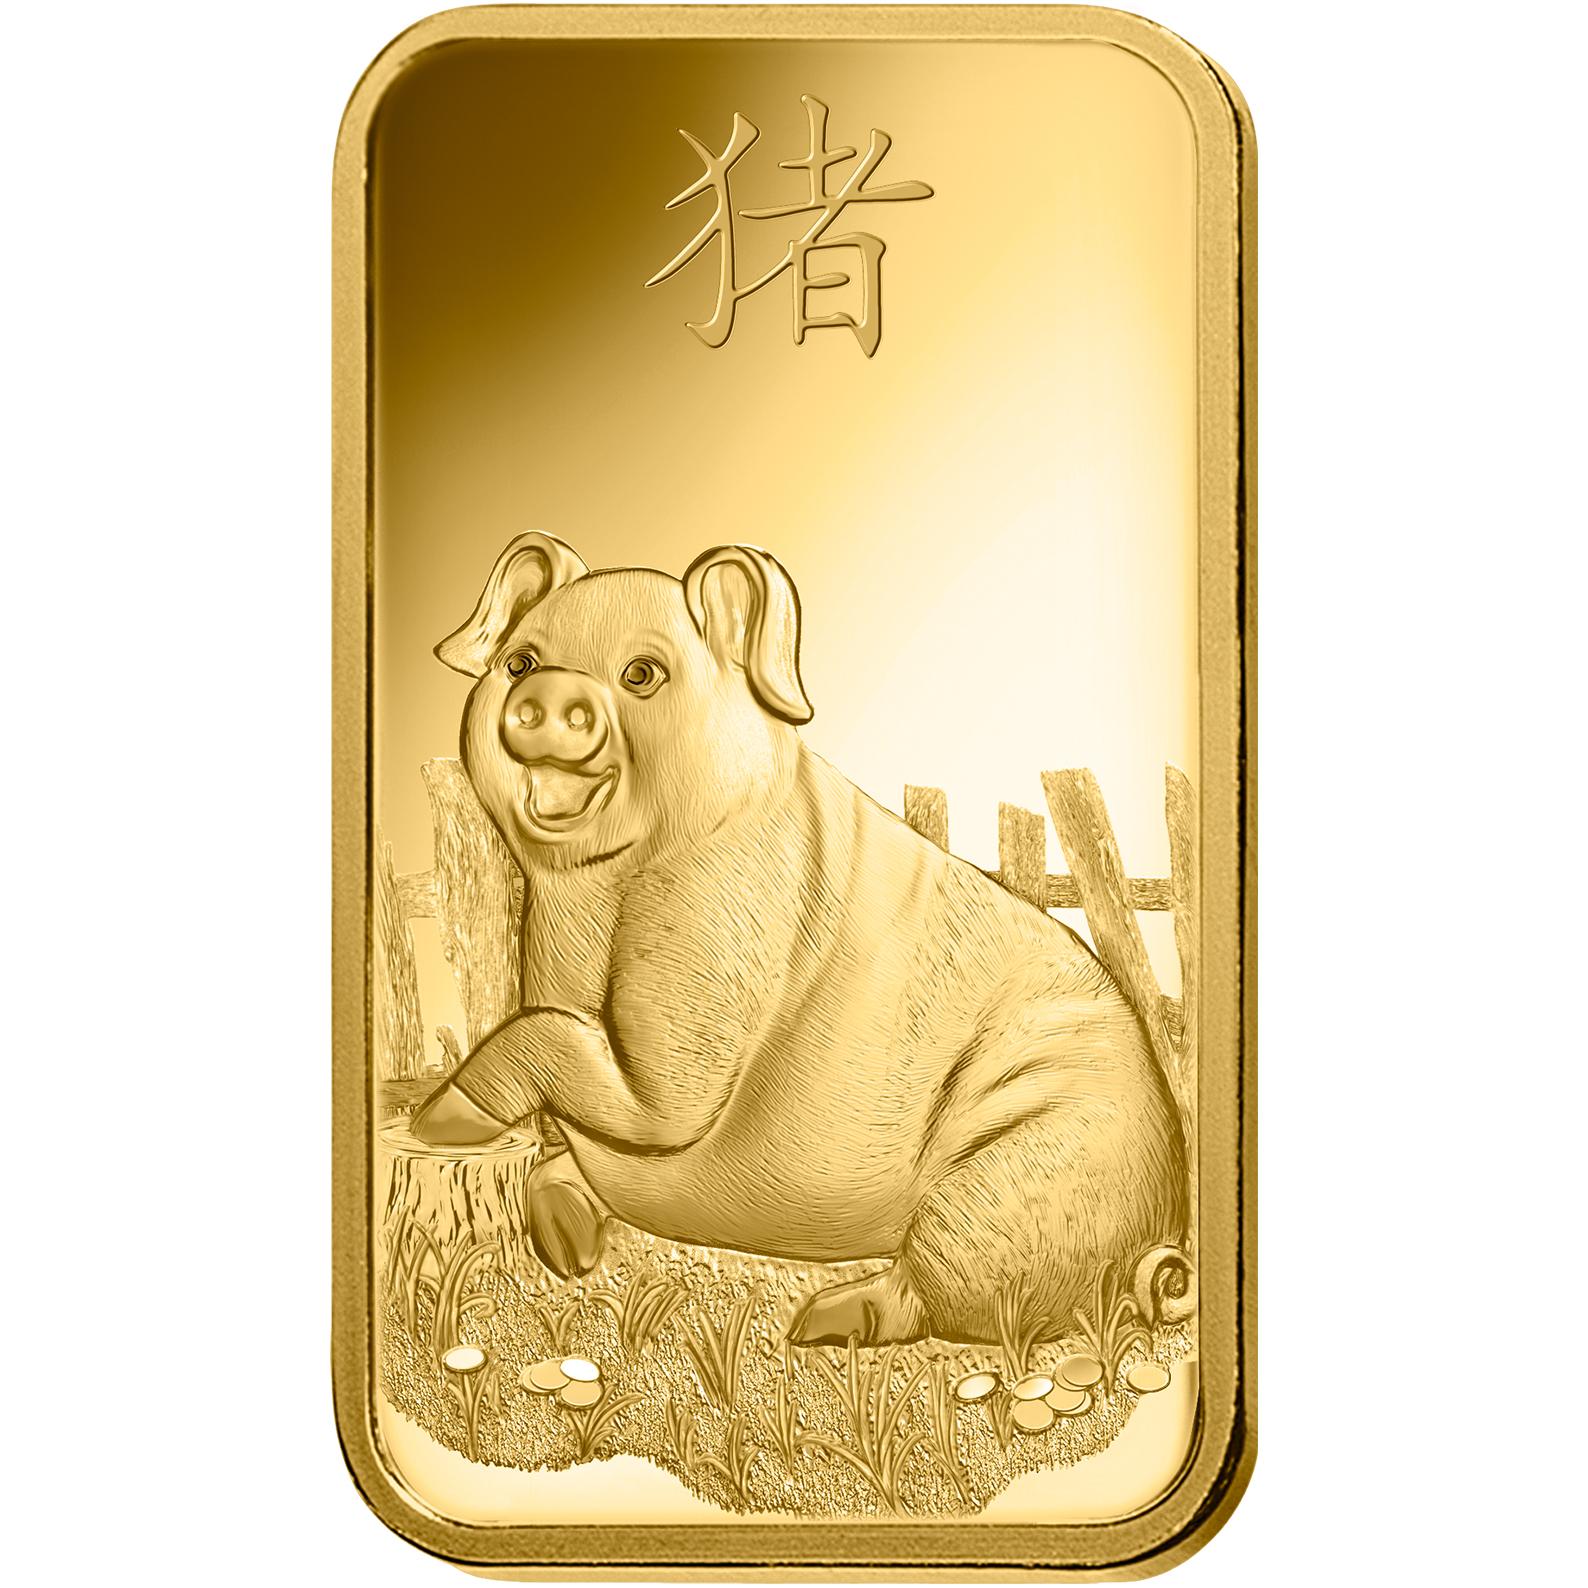 100 gram Gold Bar - PAMP Suisse Lunar Pig